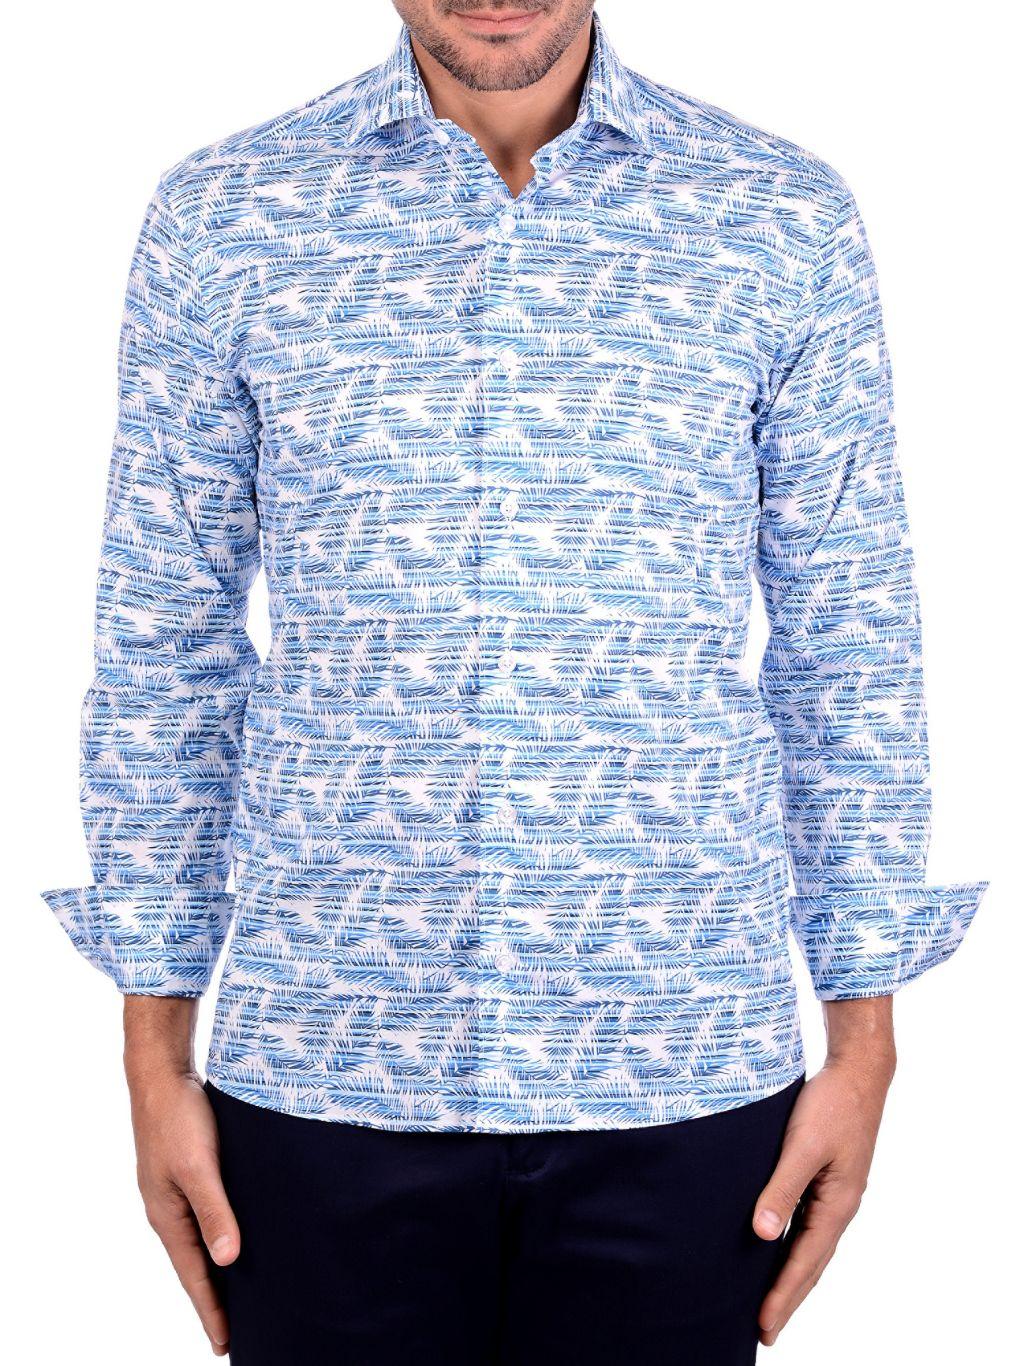 Bertigo Palm Leaf Graphic Shirt